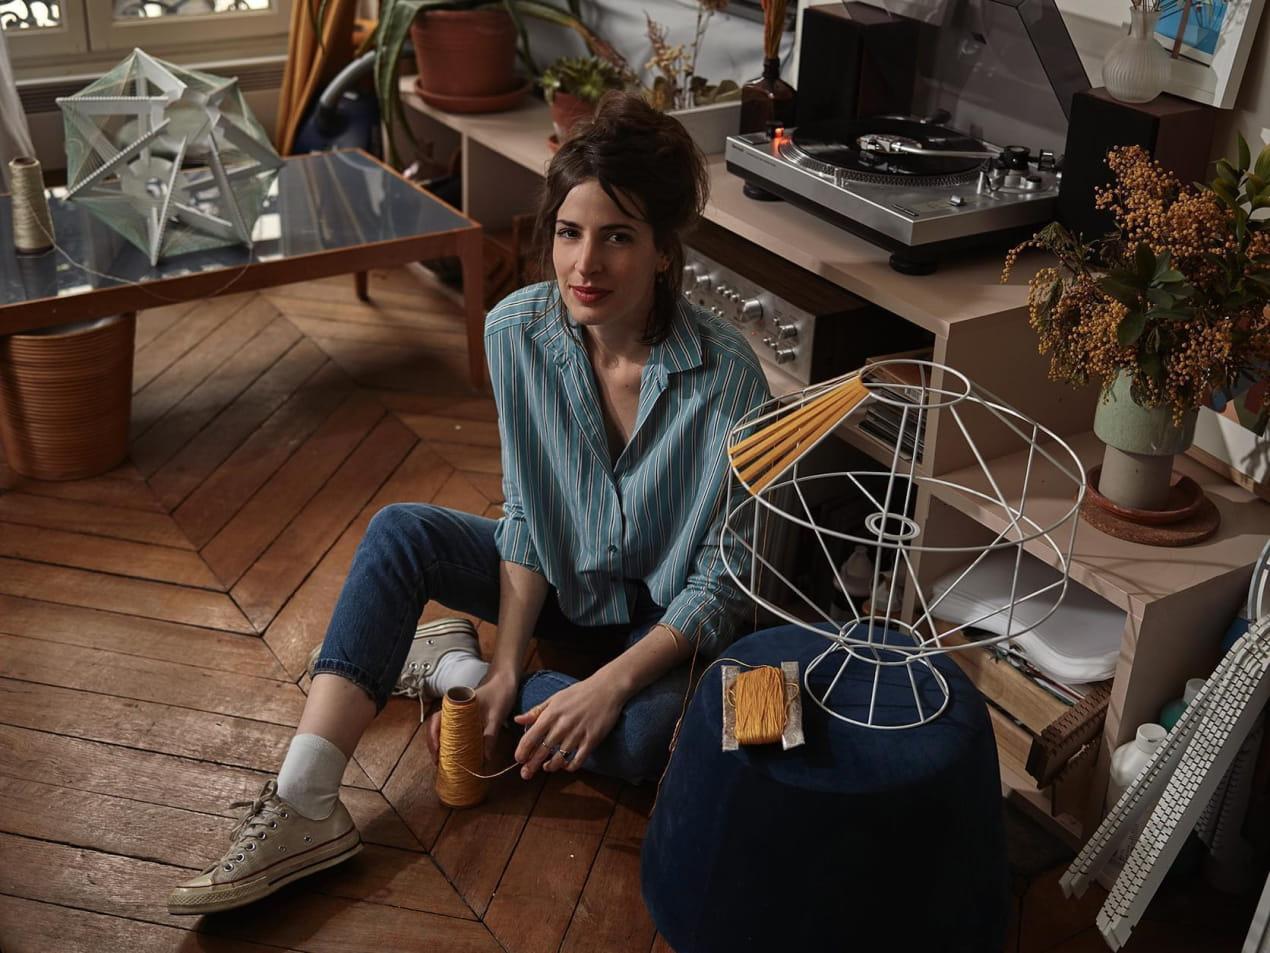 Julie Lansom dans son salon créant une lampe